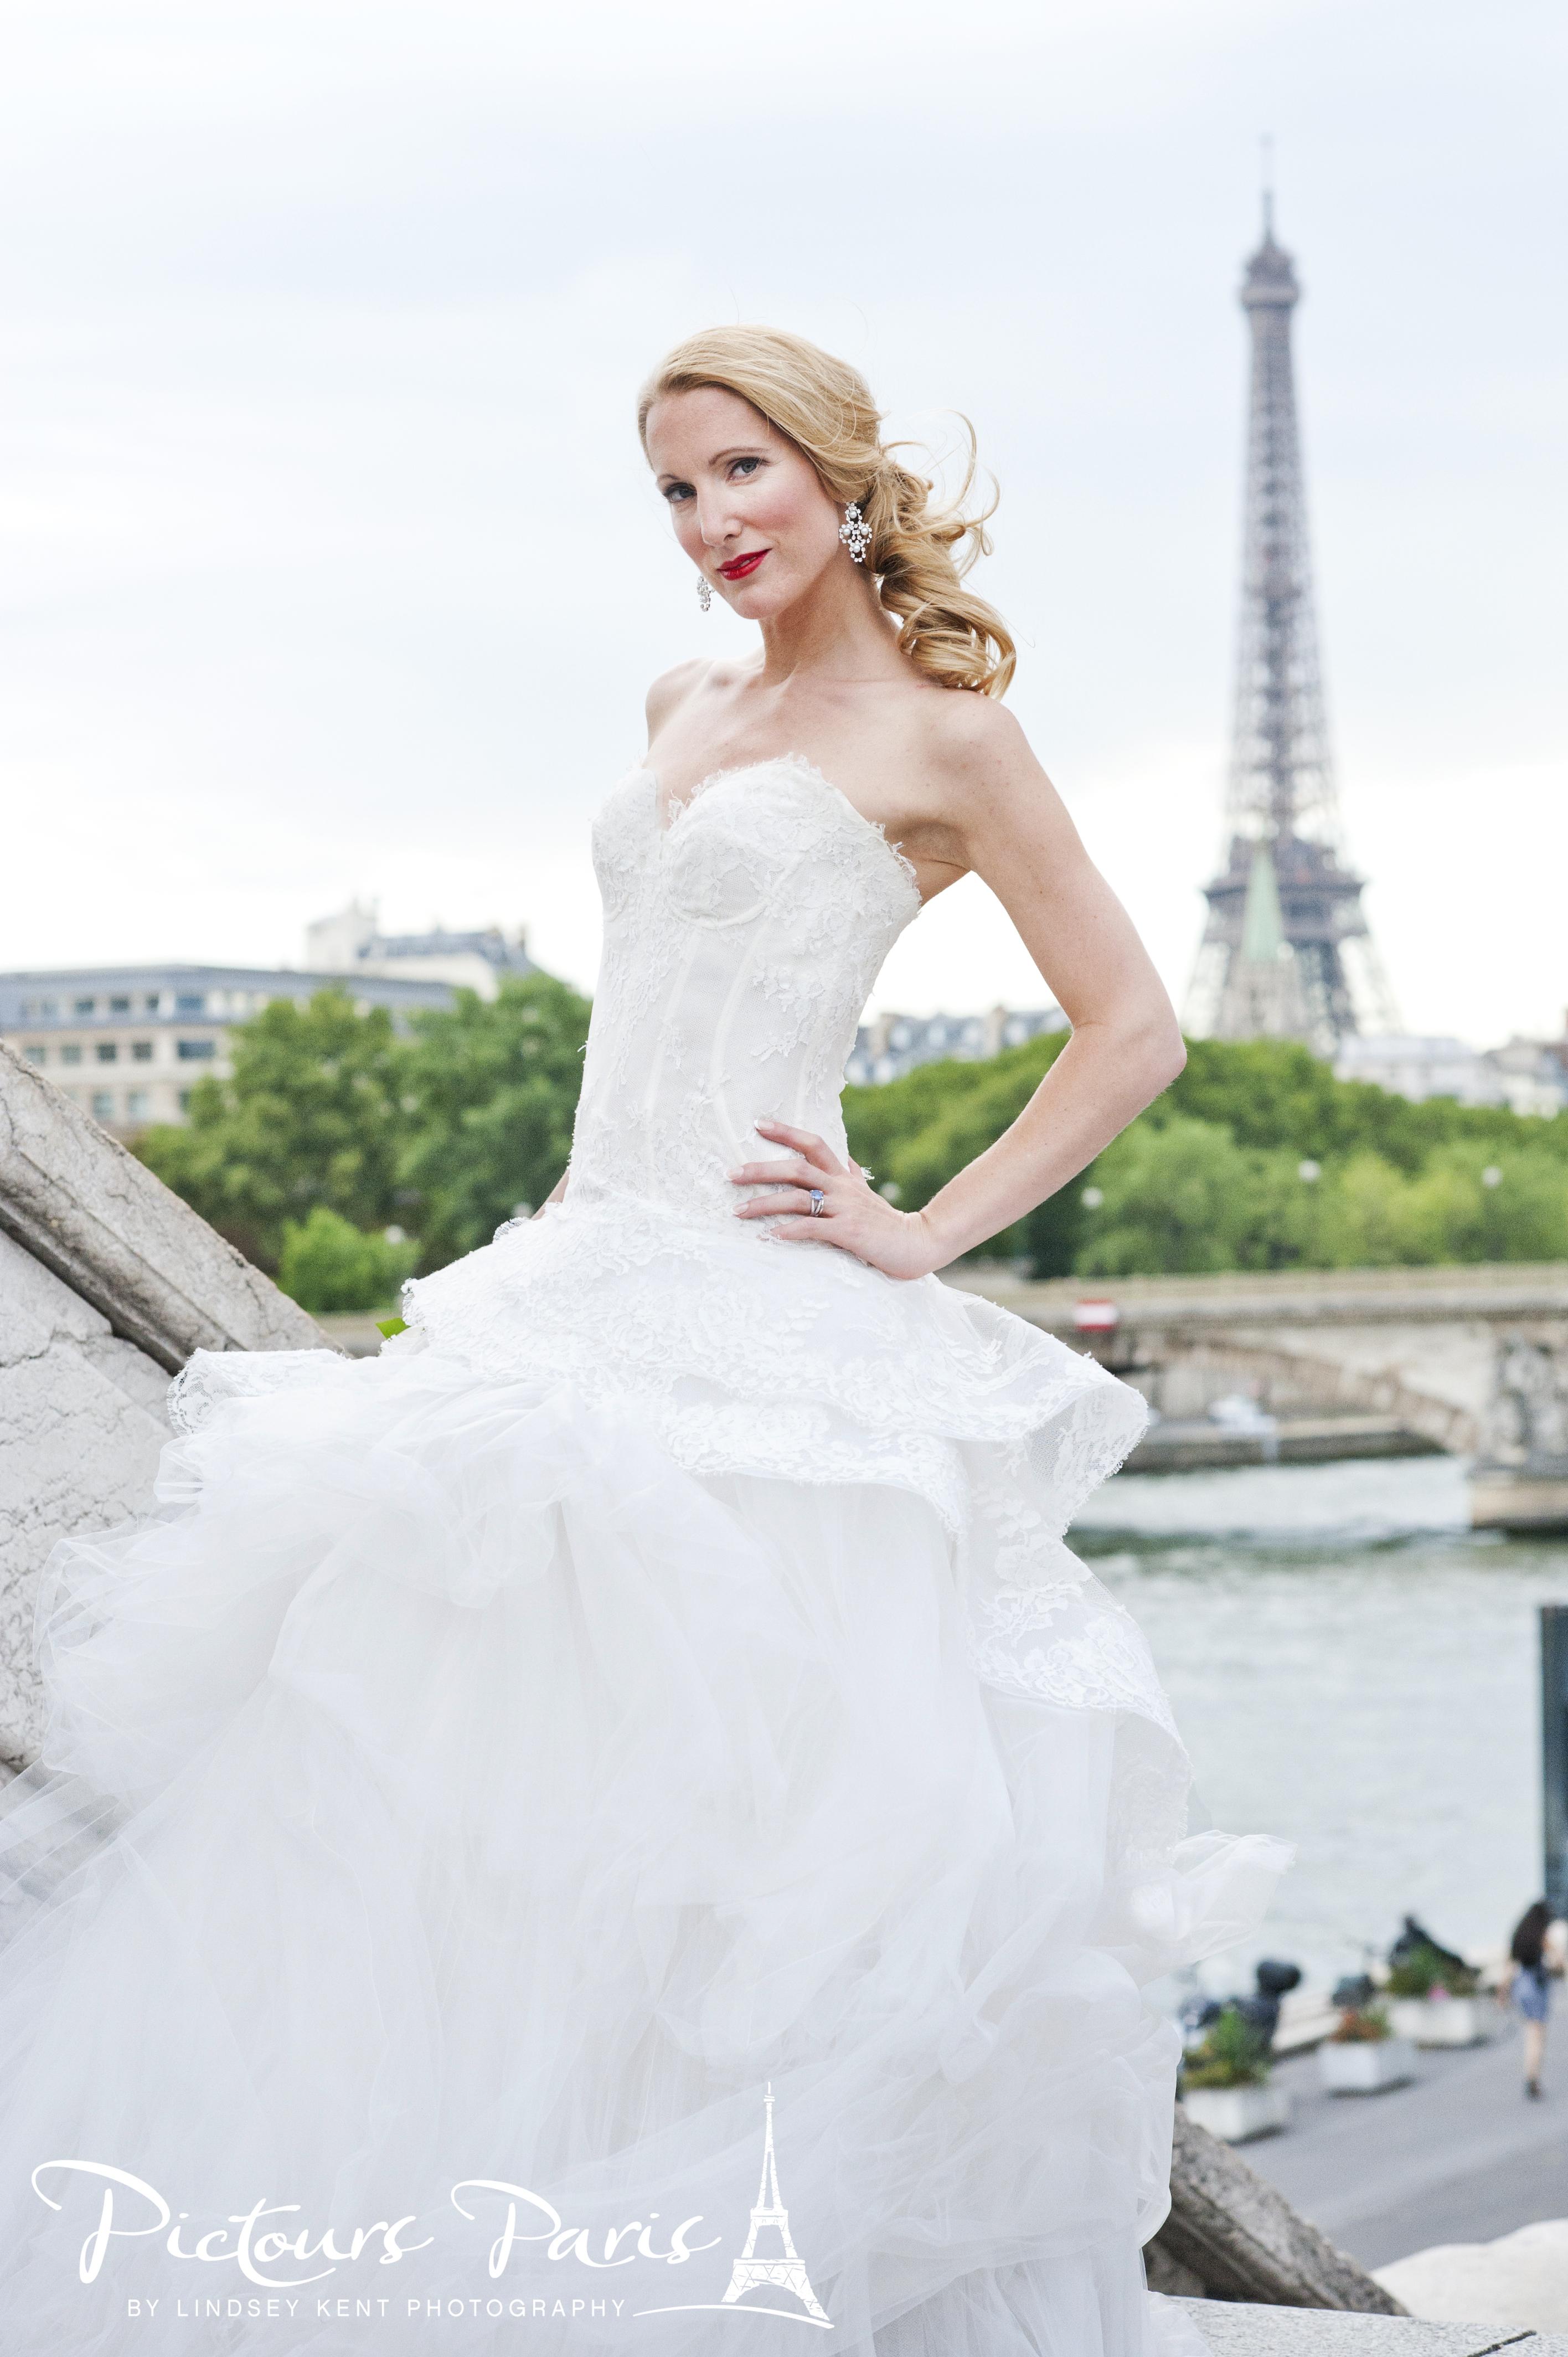 Melissa Ladd, Pictours Paris